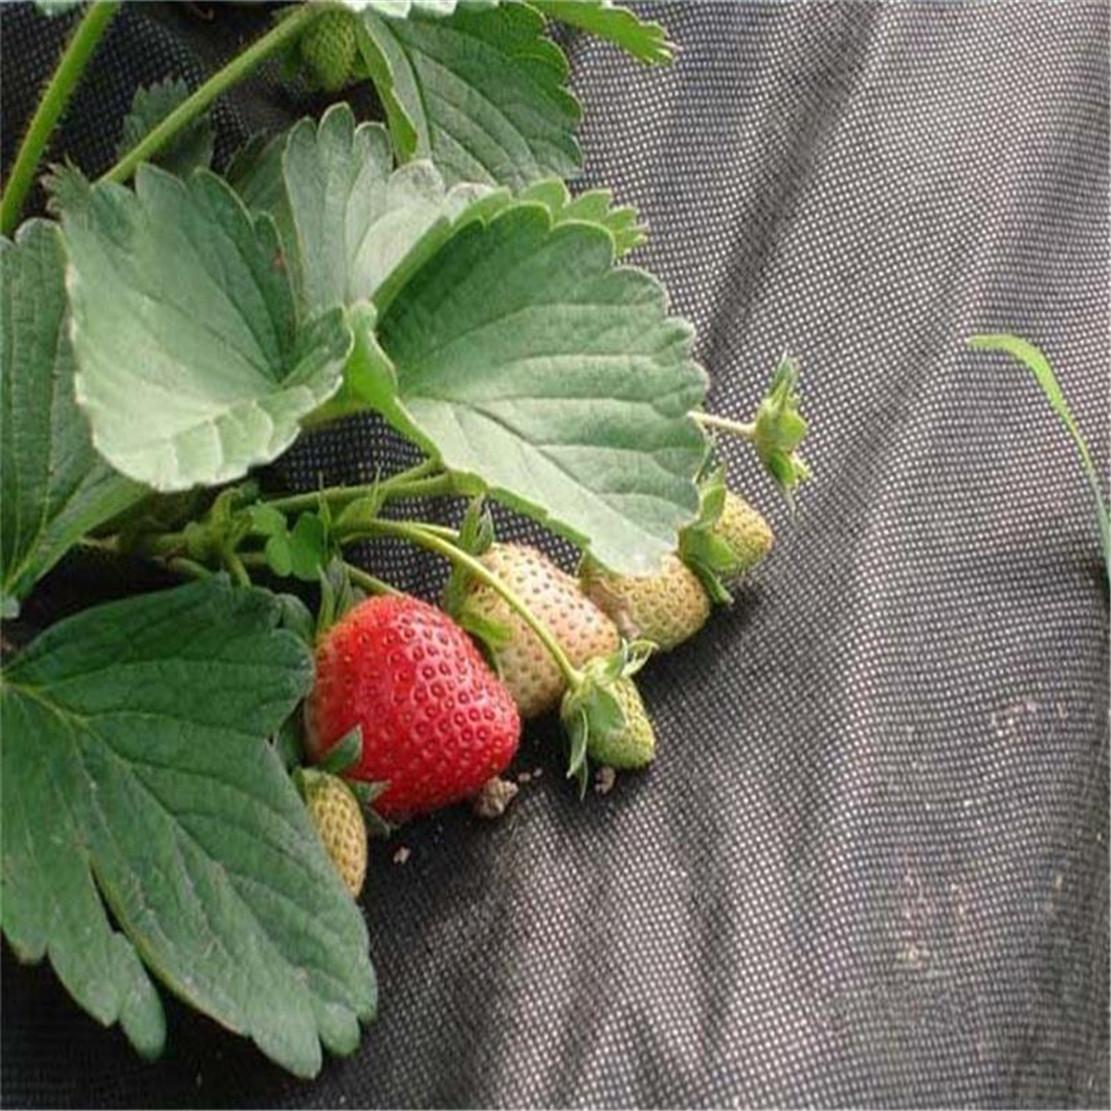 Agricultura pp spunbond não tecido Weed Controle Tecido Embossed 3% UV PP Spunbond